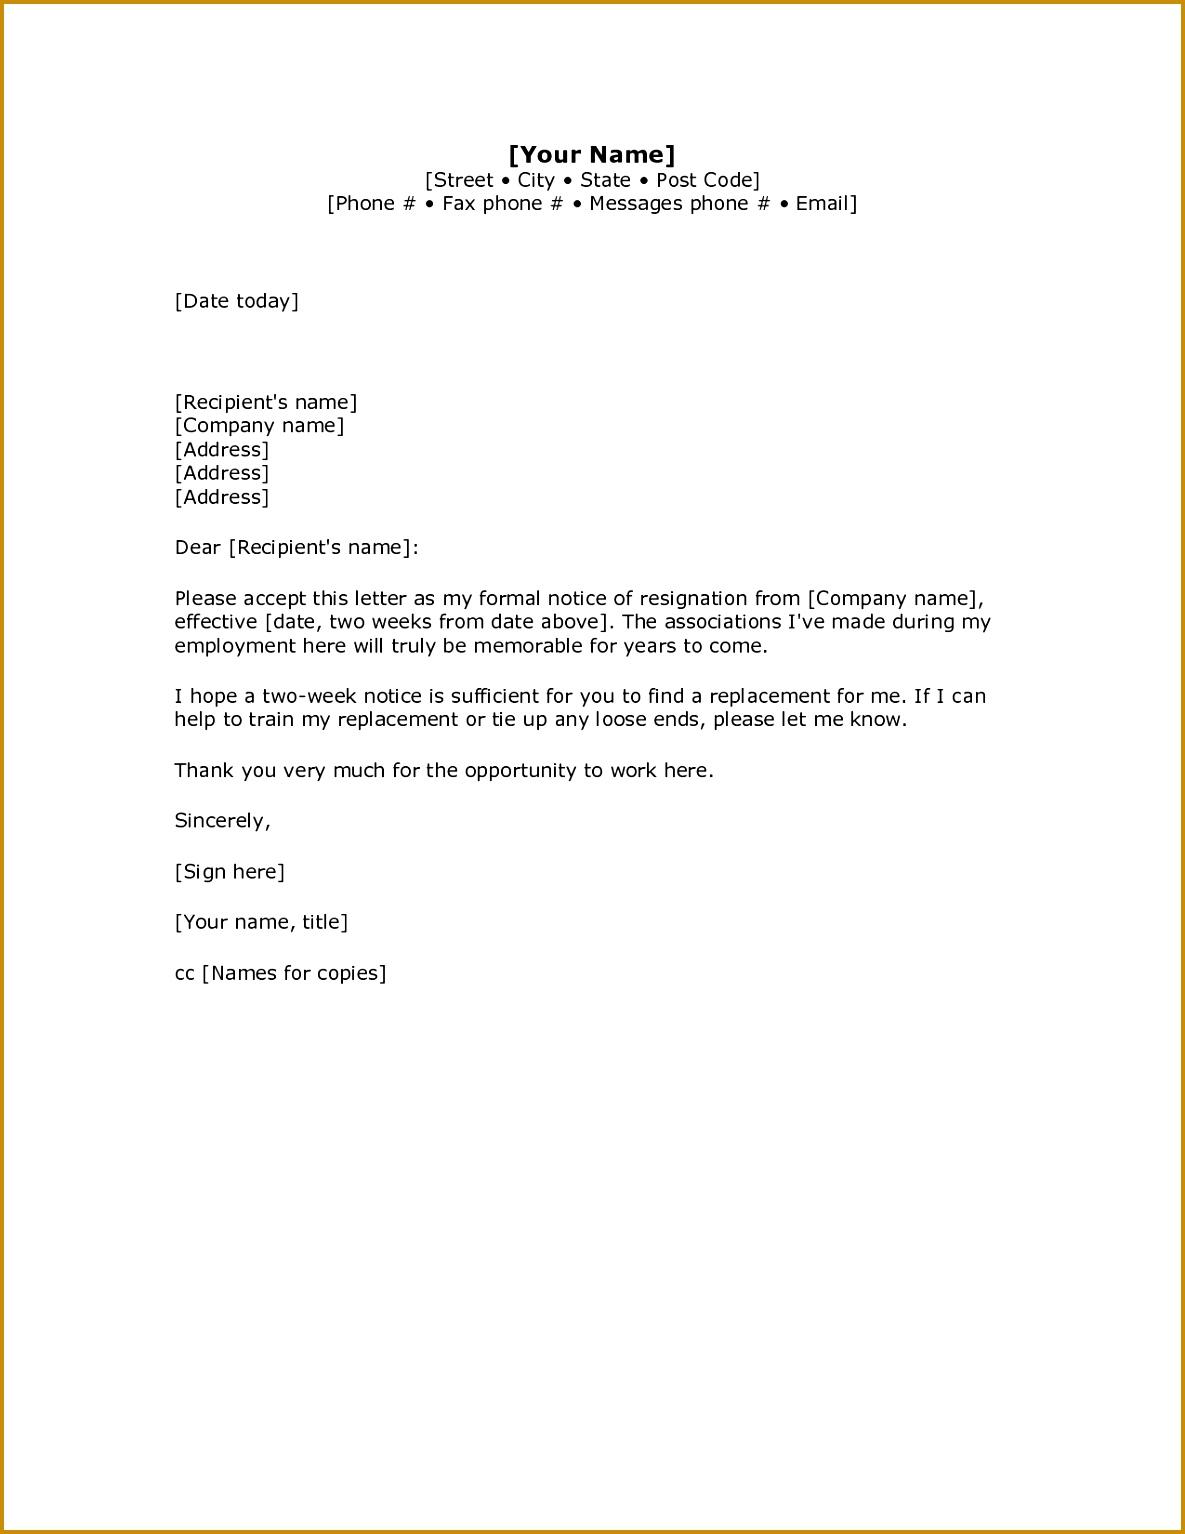 2 Weeks Notice Letter Resignation Letter Week Notice Words HDWriting A Letter Resignation Email Letter Sample 15341185